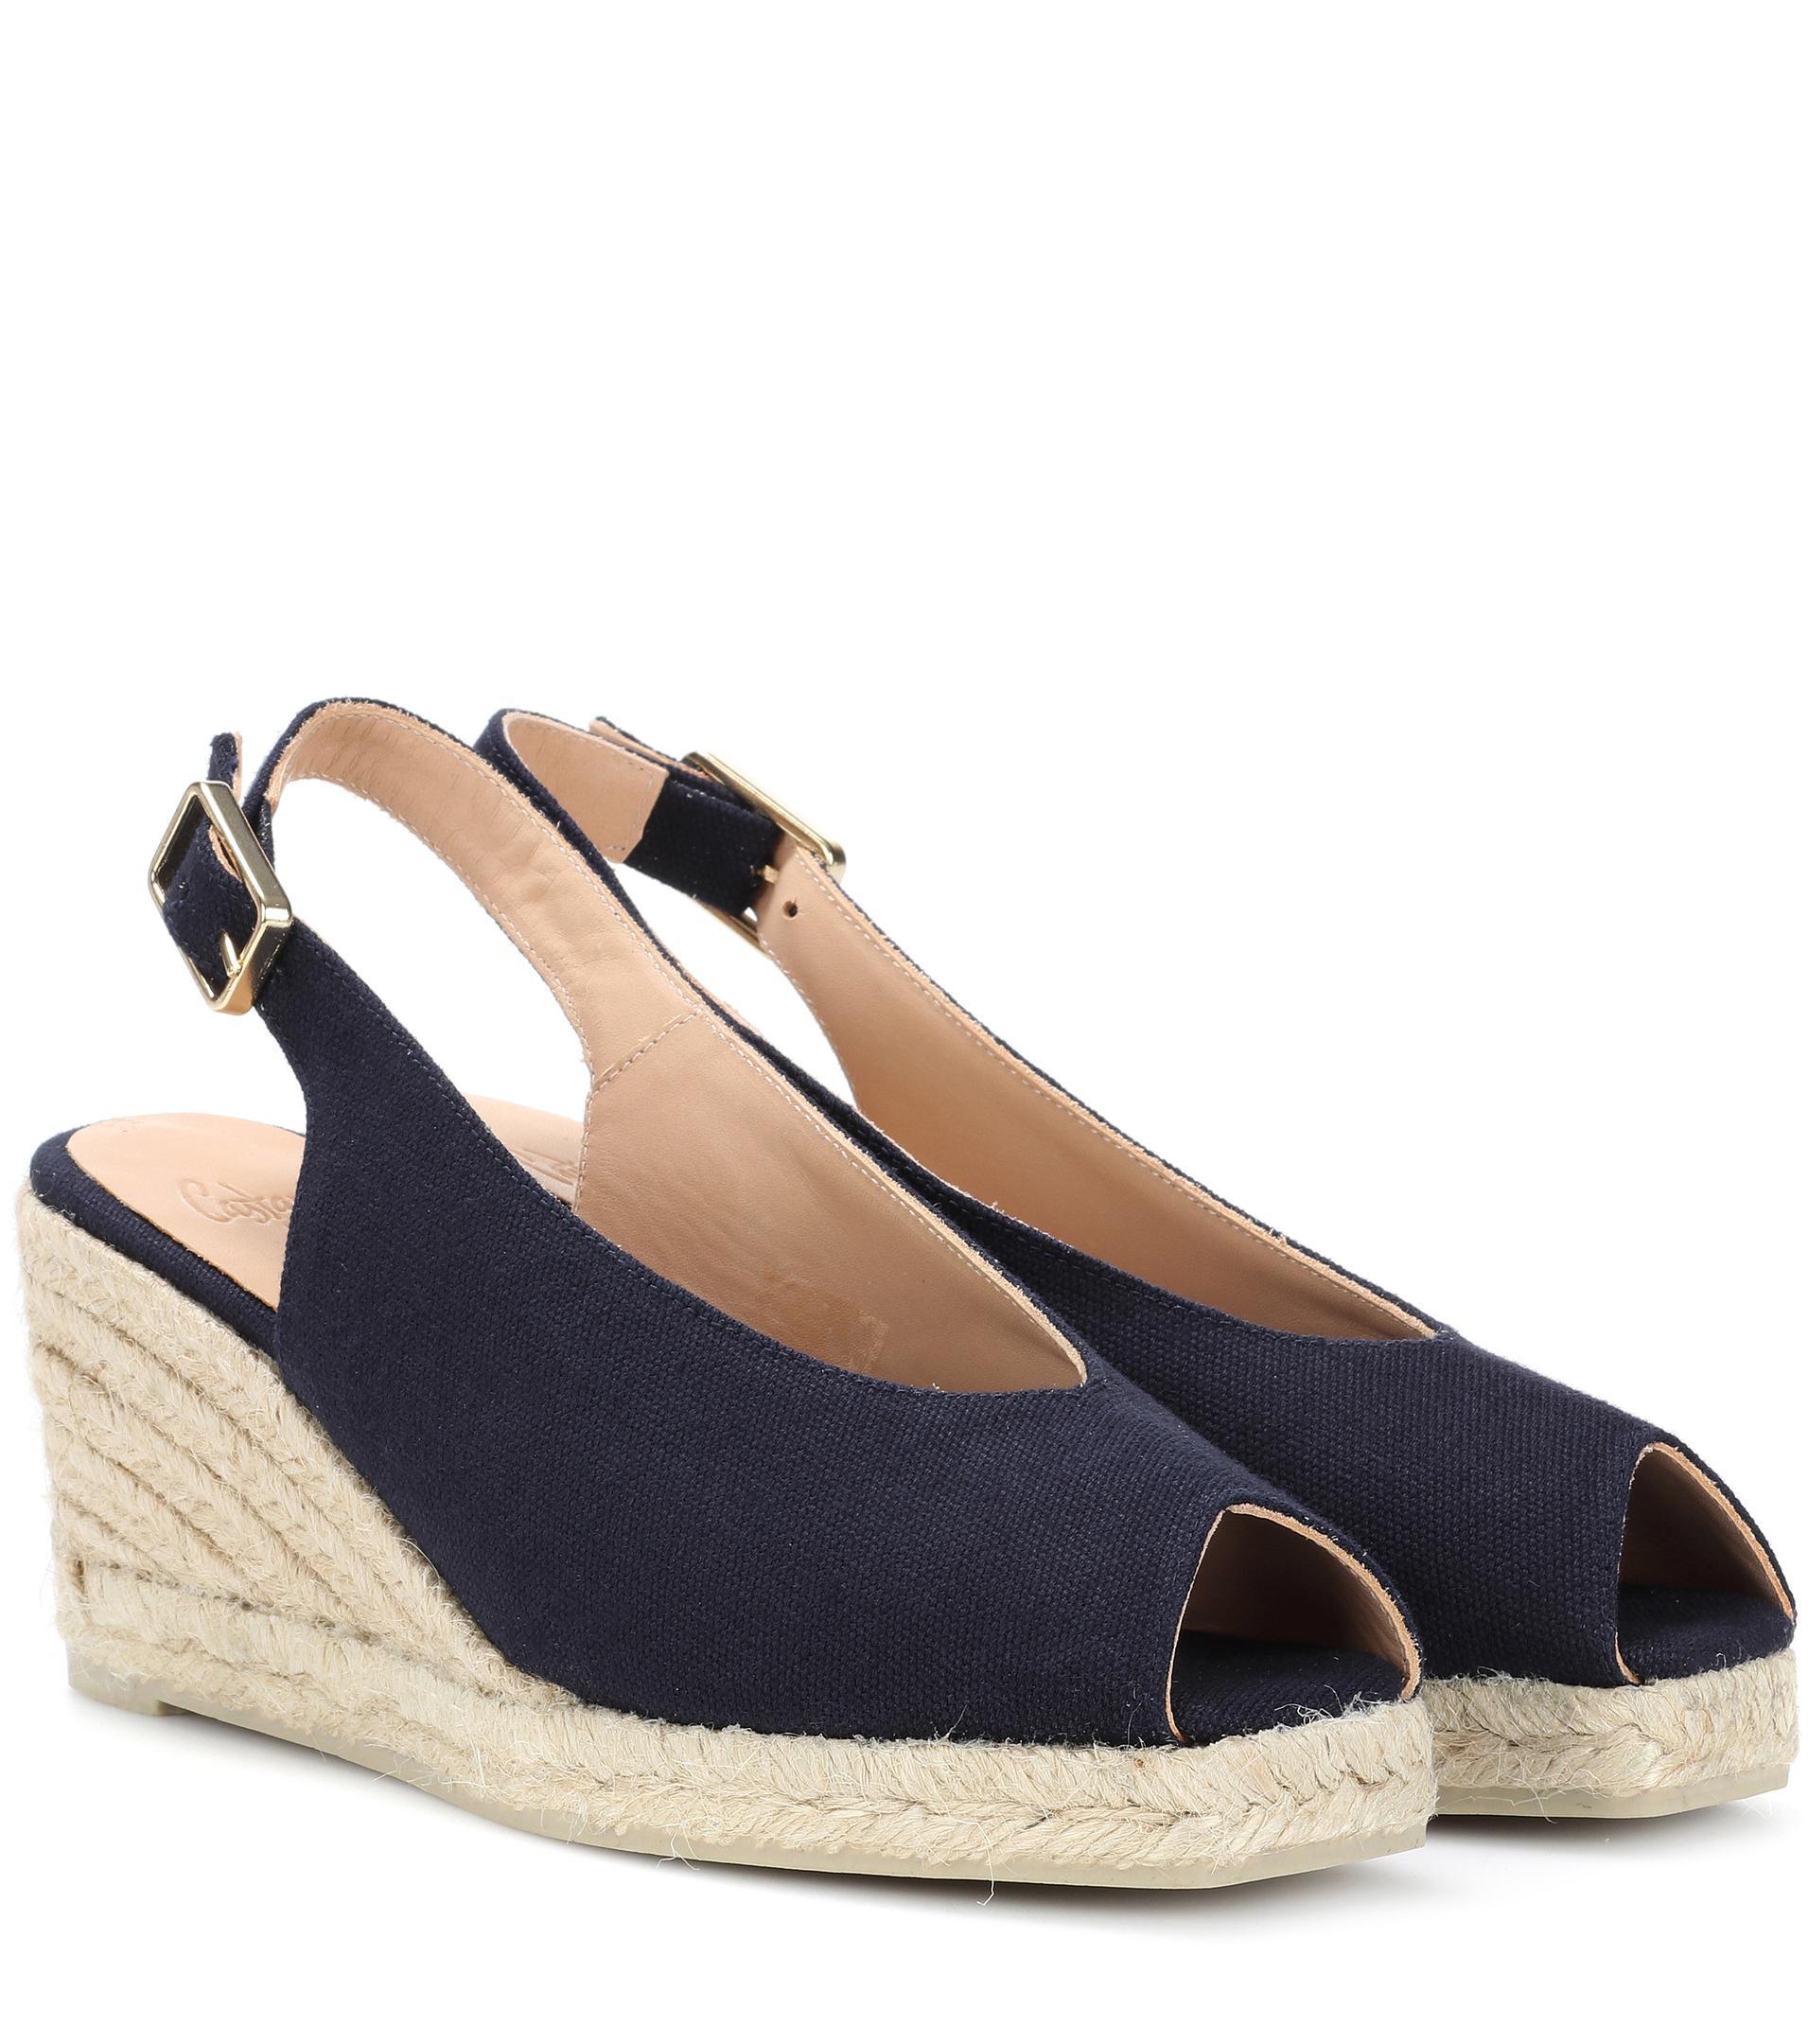 Castaner Cotton Crossed Sandals Original j70iLPcC6s